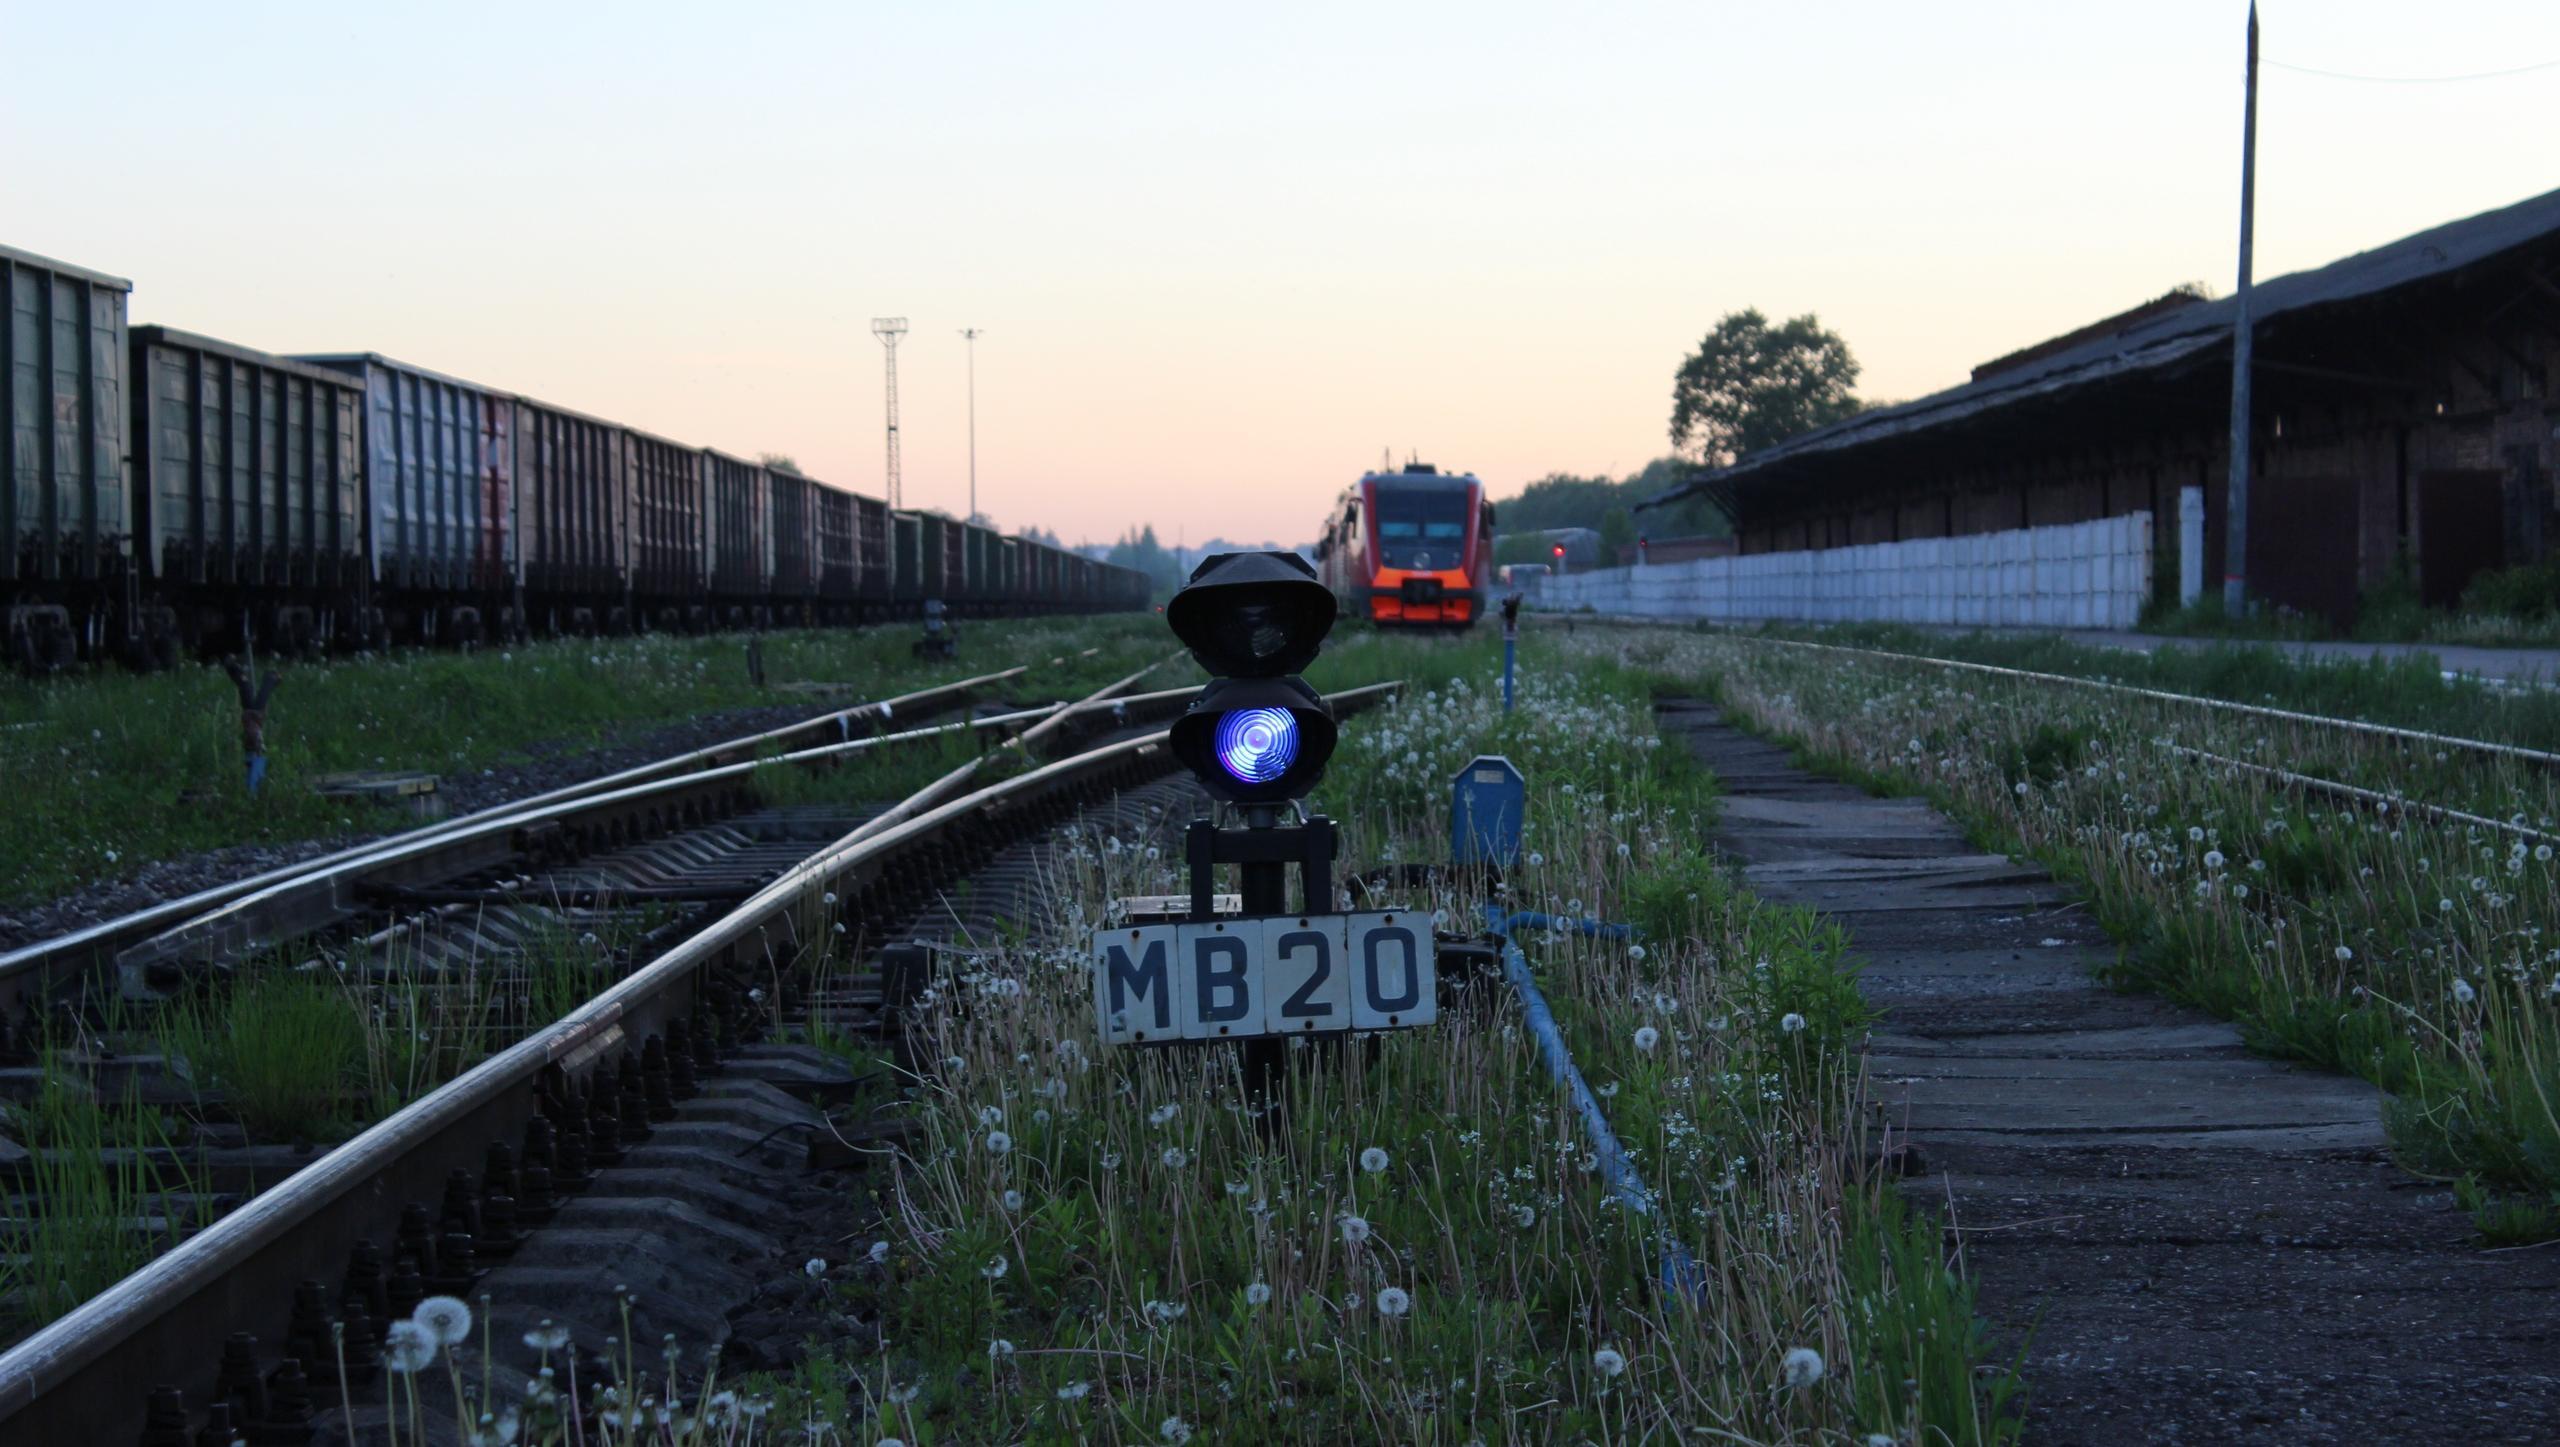 В Тверской области начнут ремонтировать железнодорожные переезды - новости Афанасий